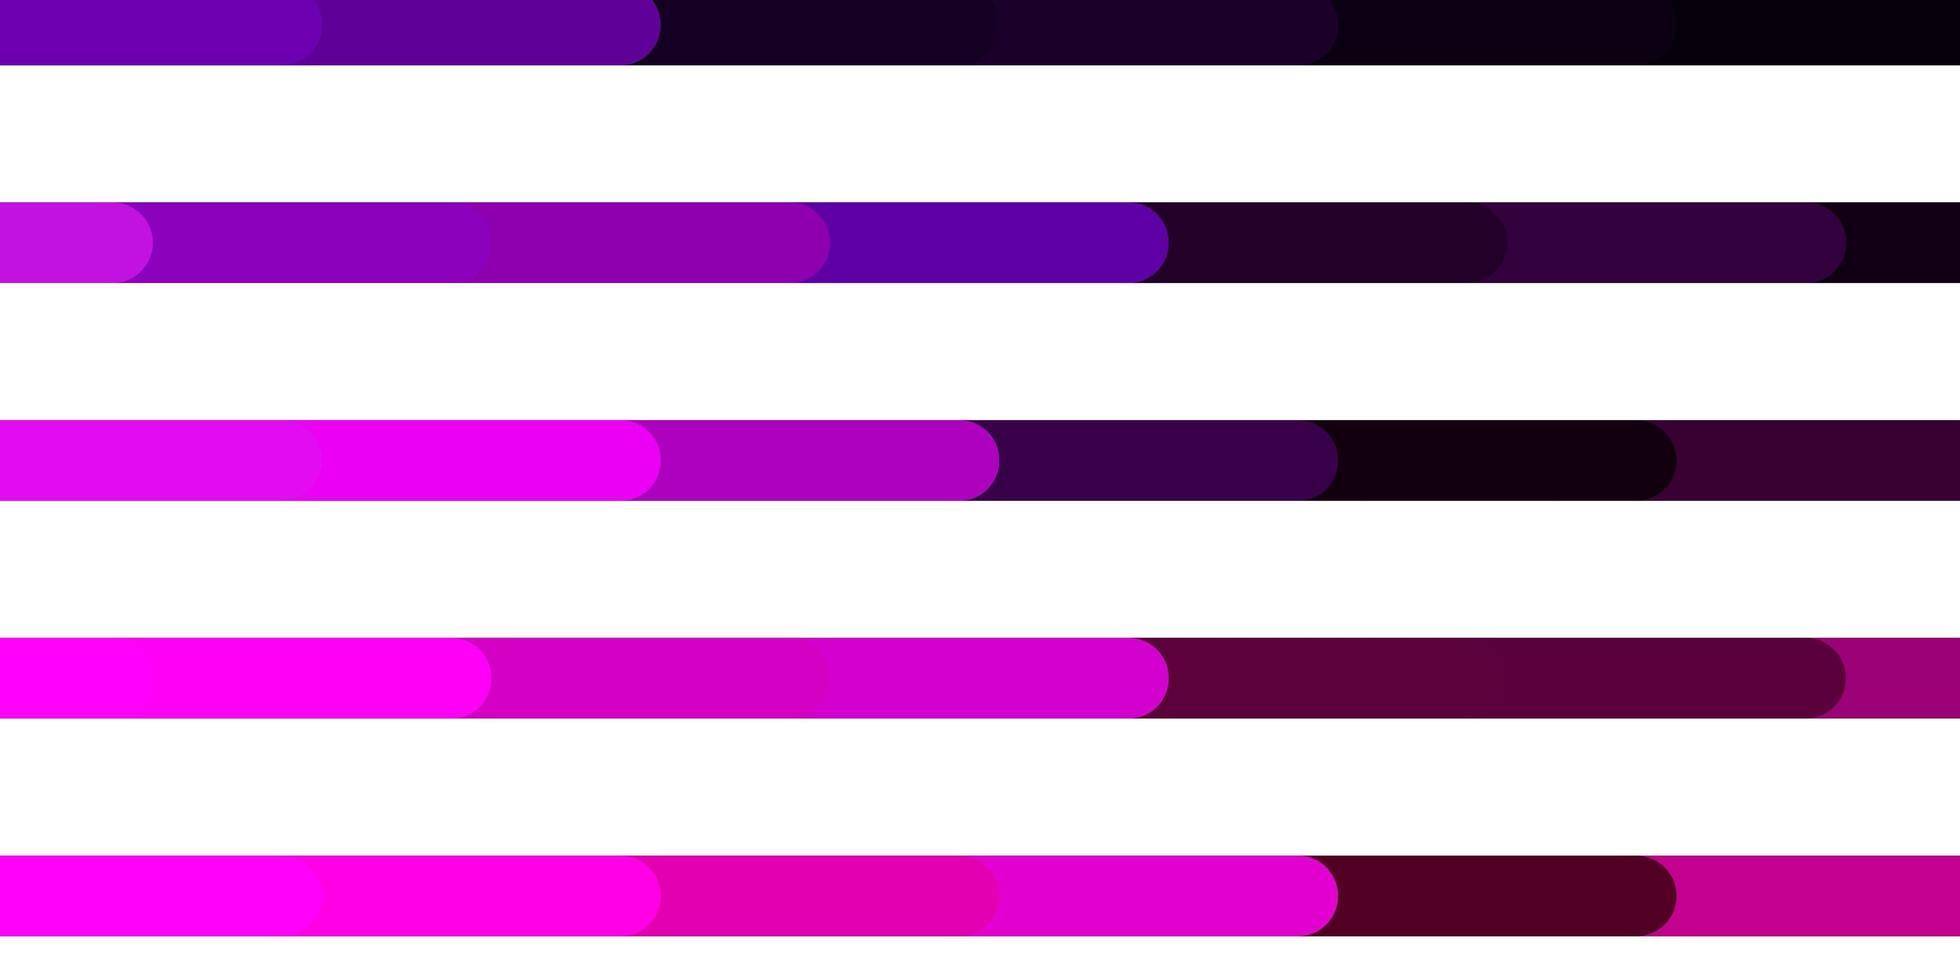 textura de vector púrpura oscuro, rosa con líneas.